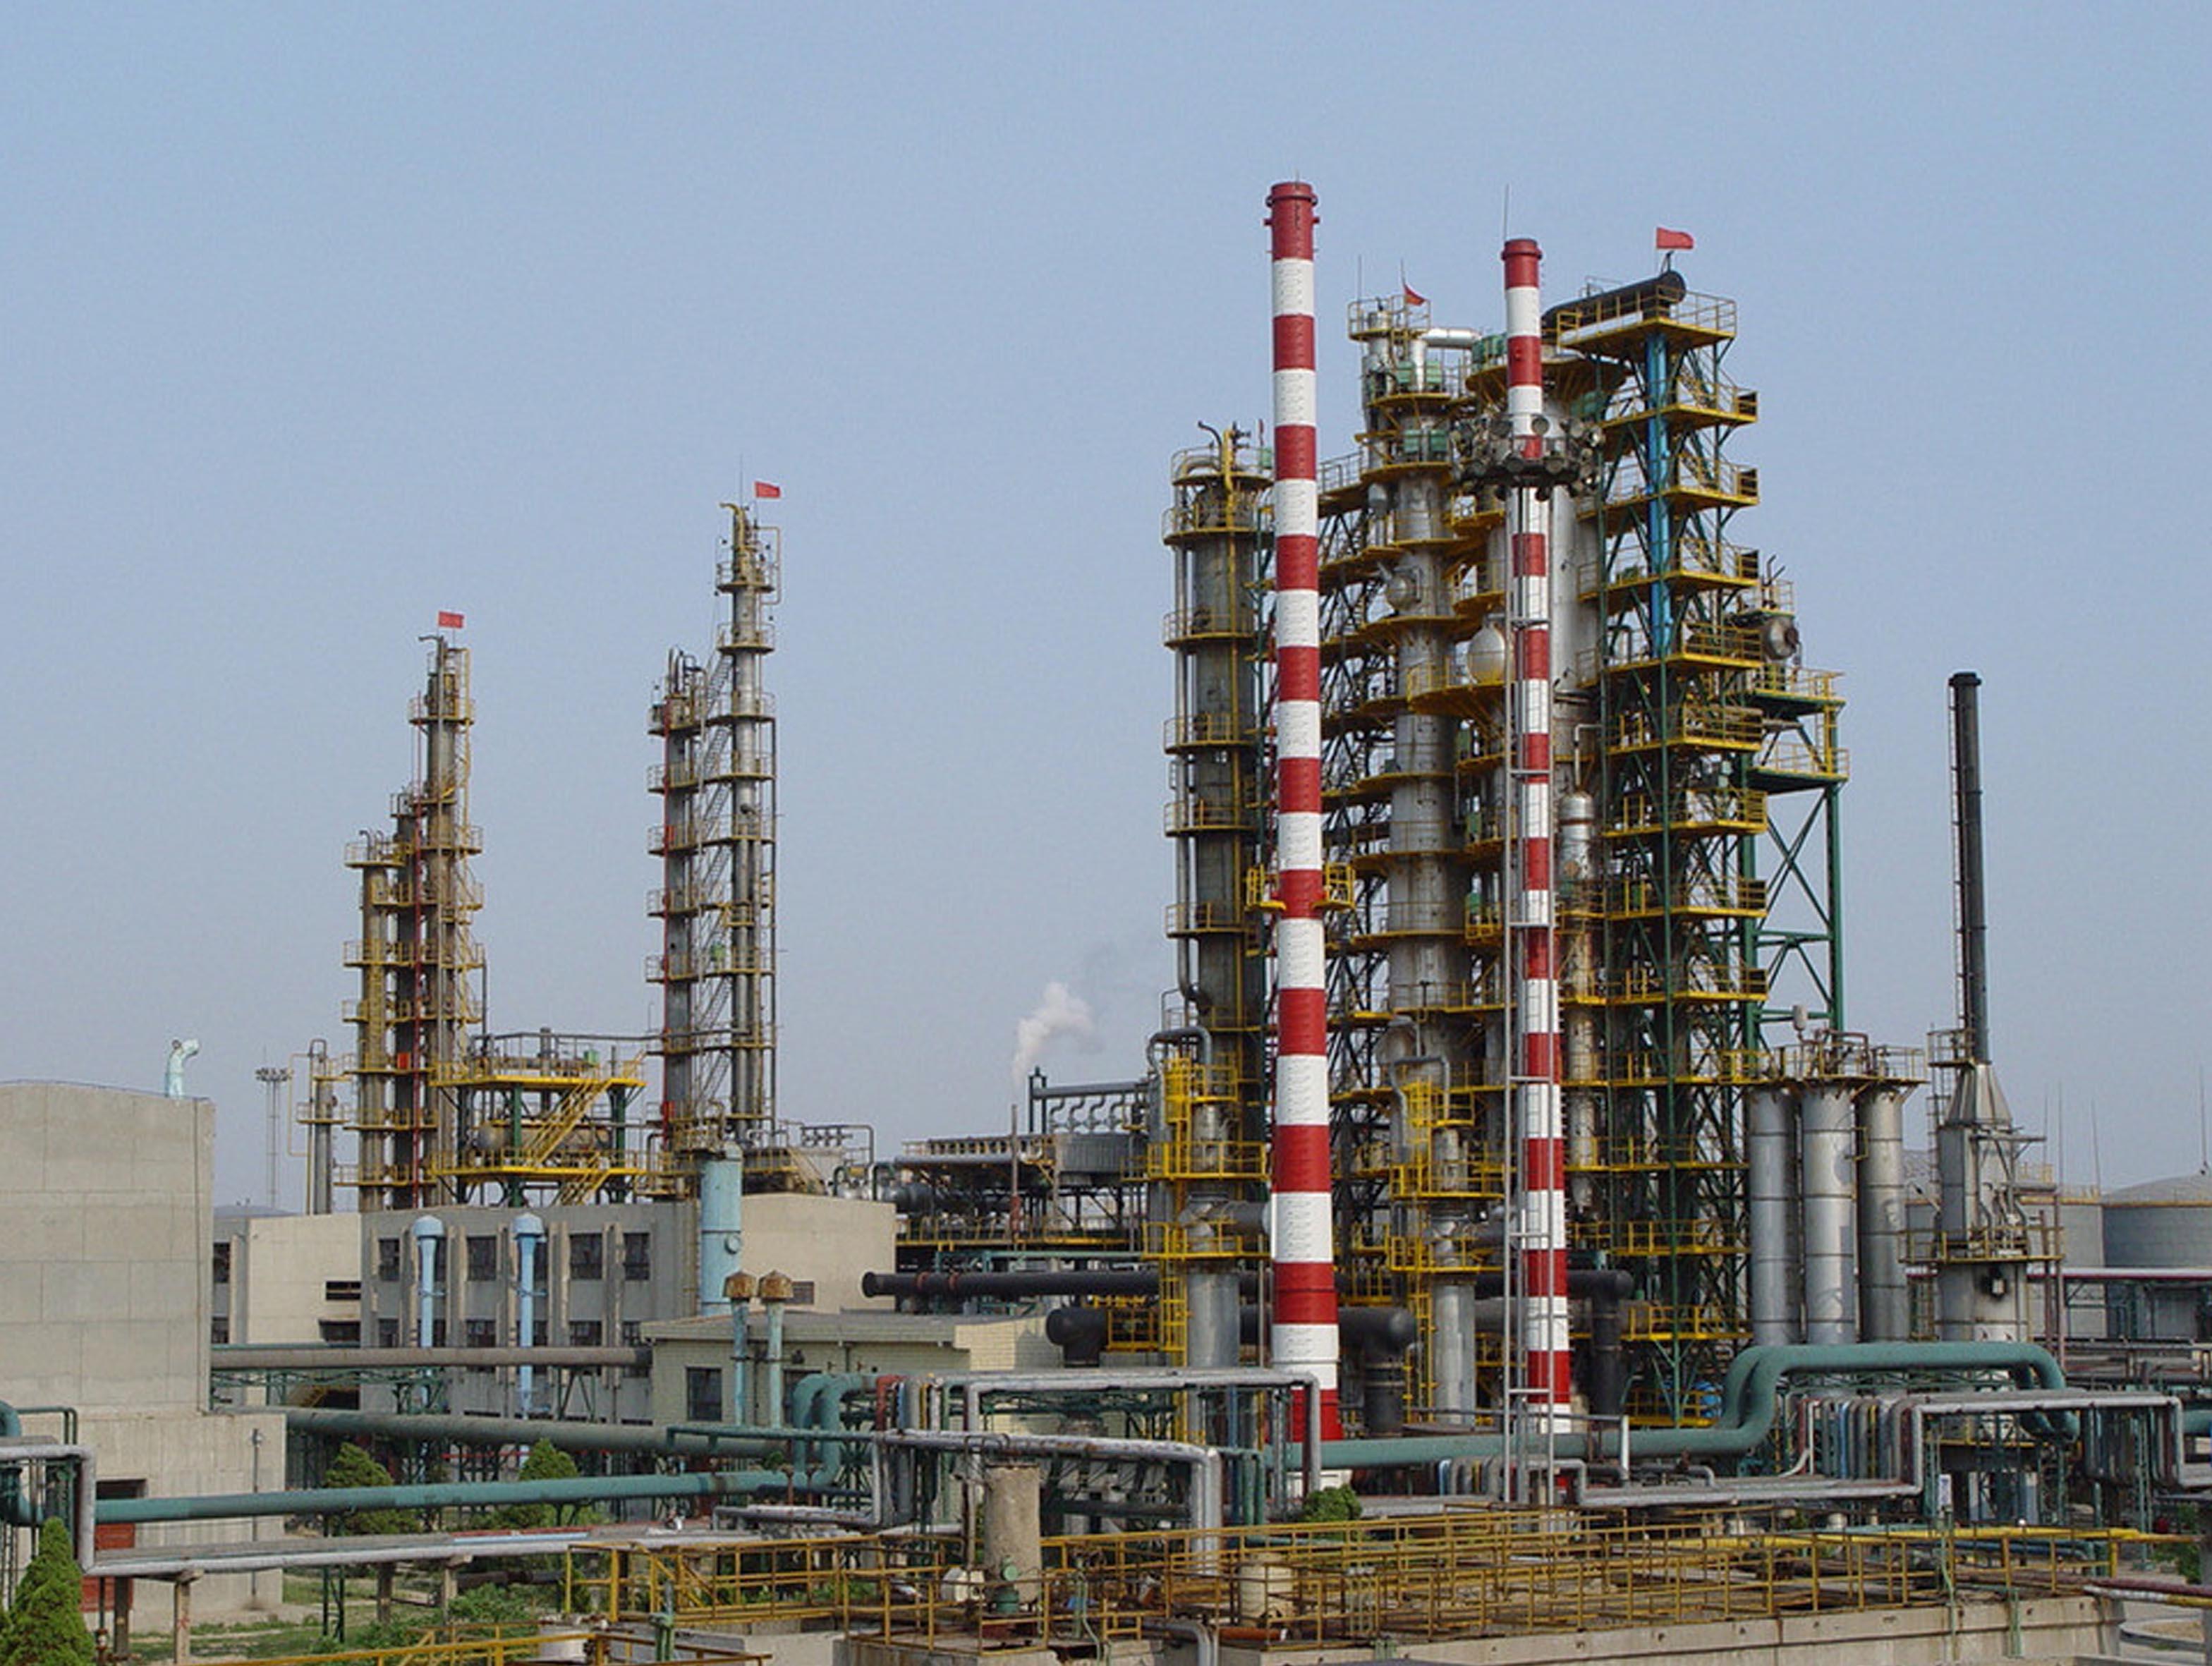 化工厂_化工厂03-苏州市光生环境科技有限公司